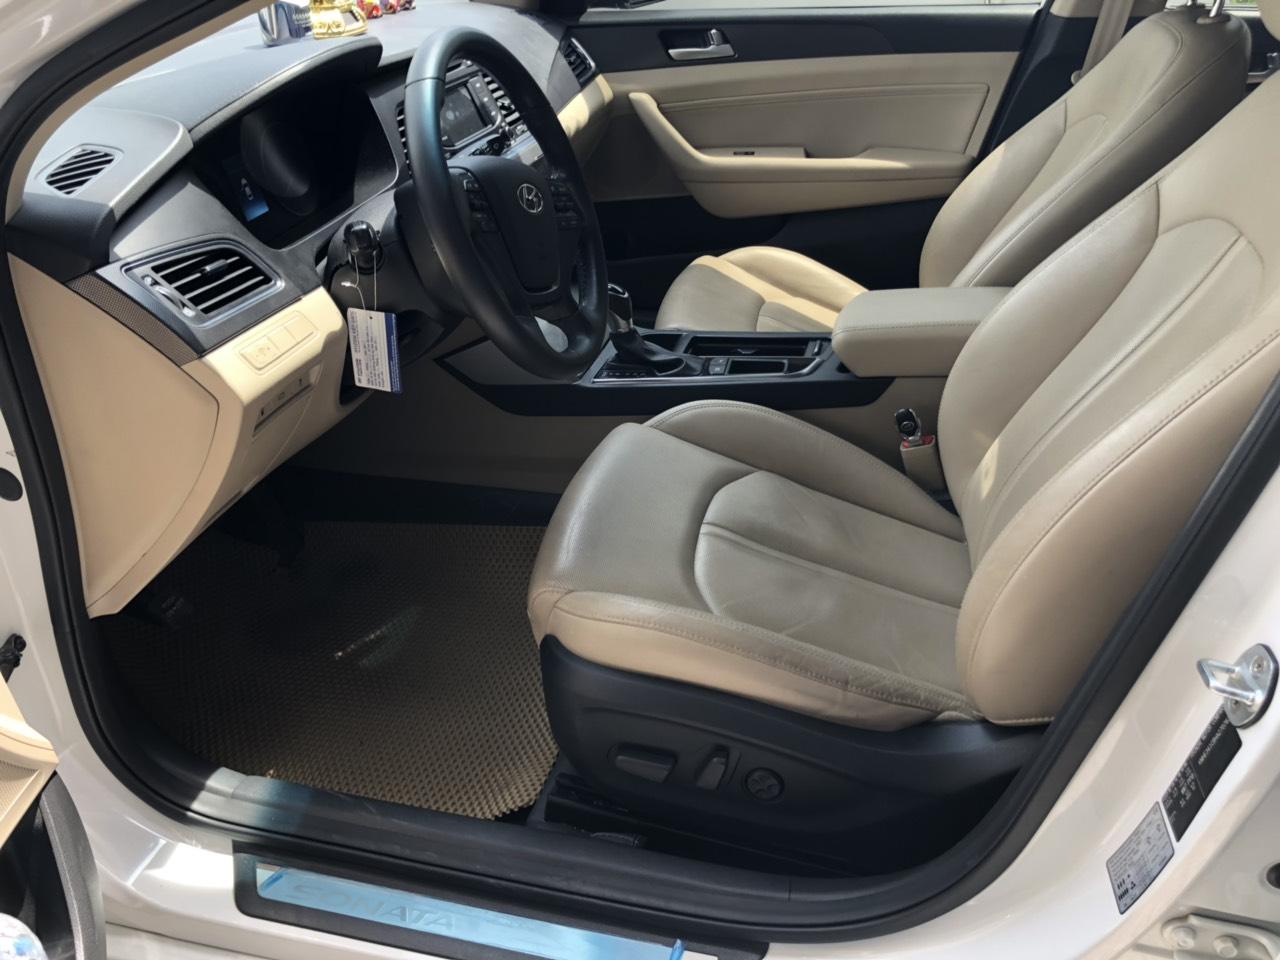 Bán Hyundai Sonata 2.0AT màu trắng số tự động nhập Hàn Quốc 2016 biển tỉnh đi đúng 34000km xe đẹp